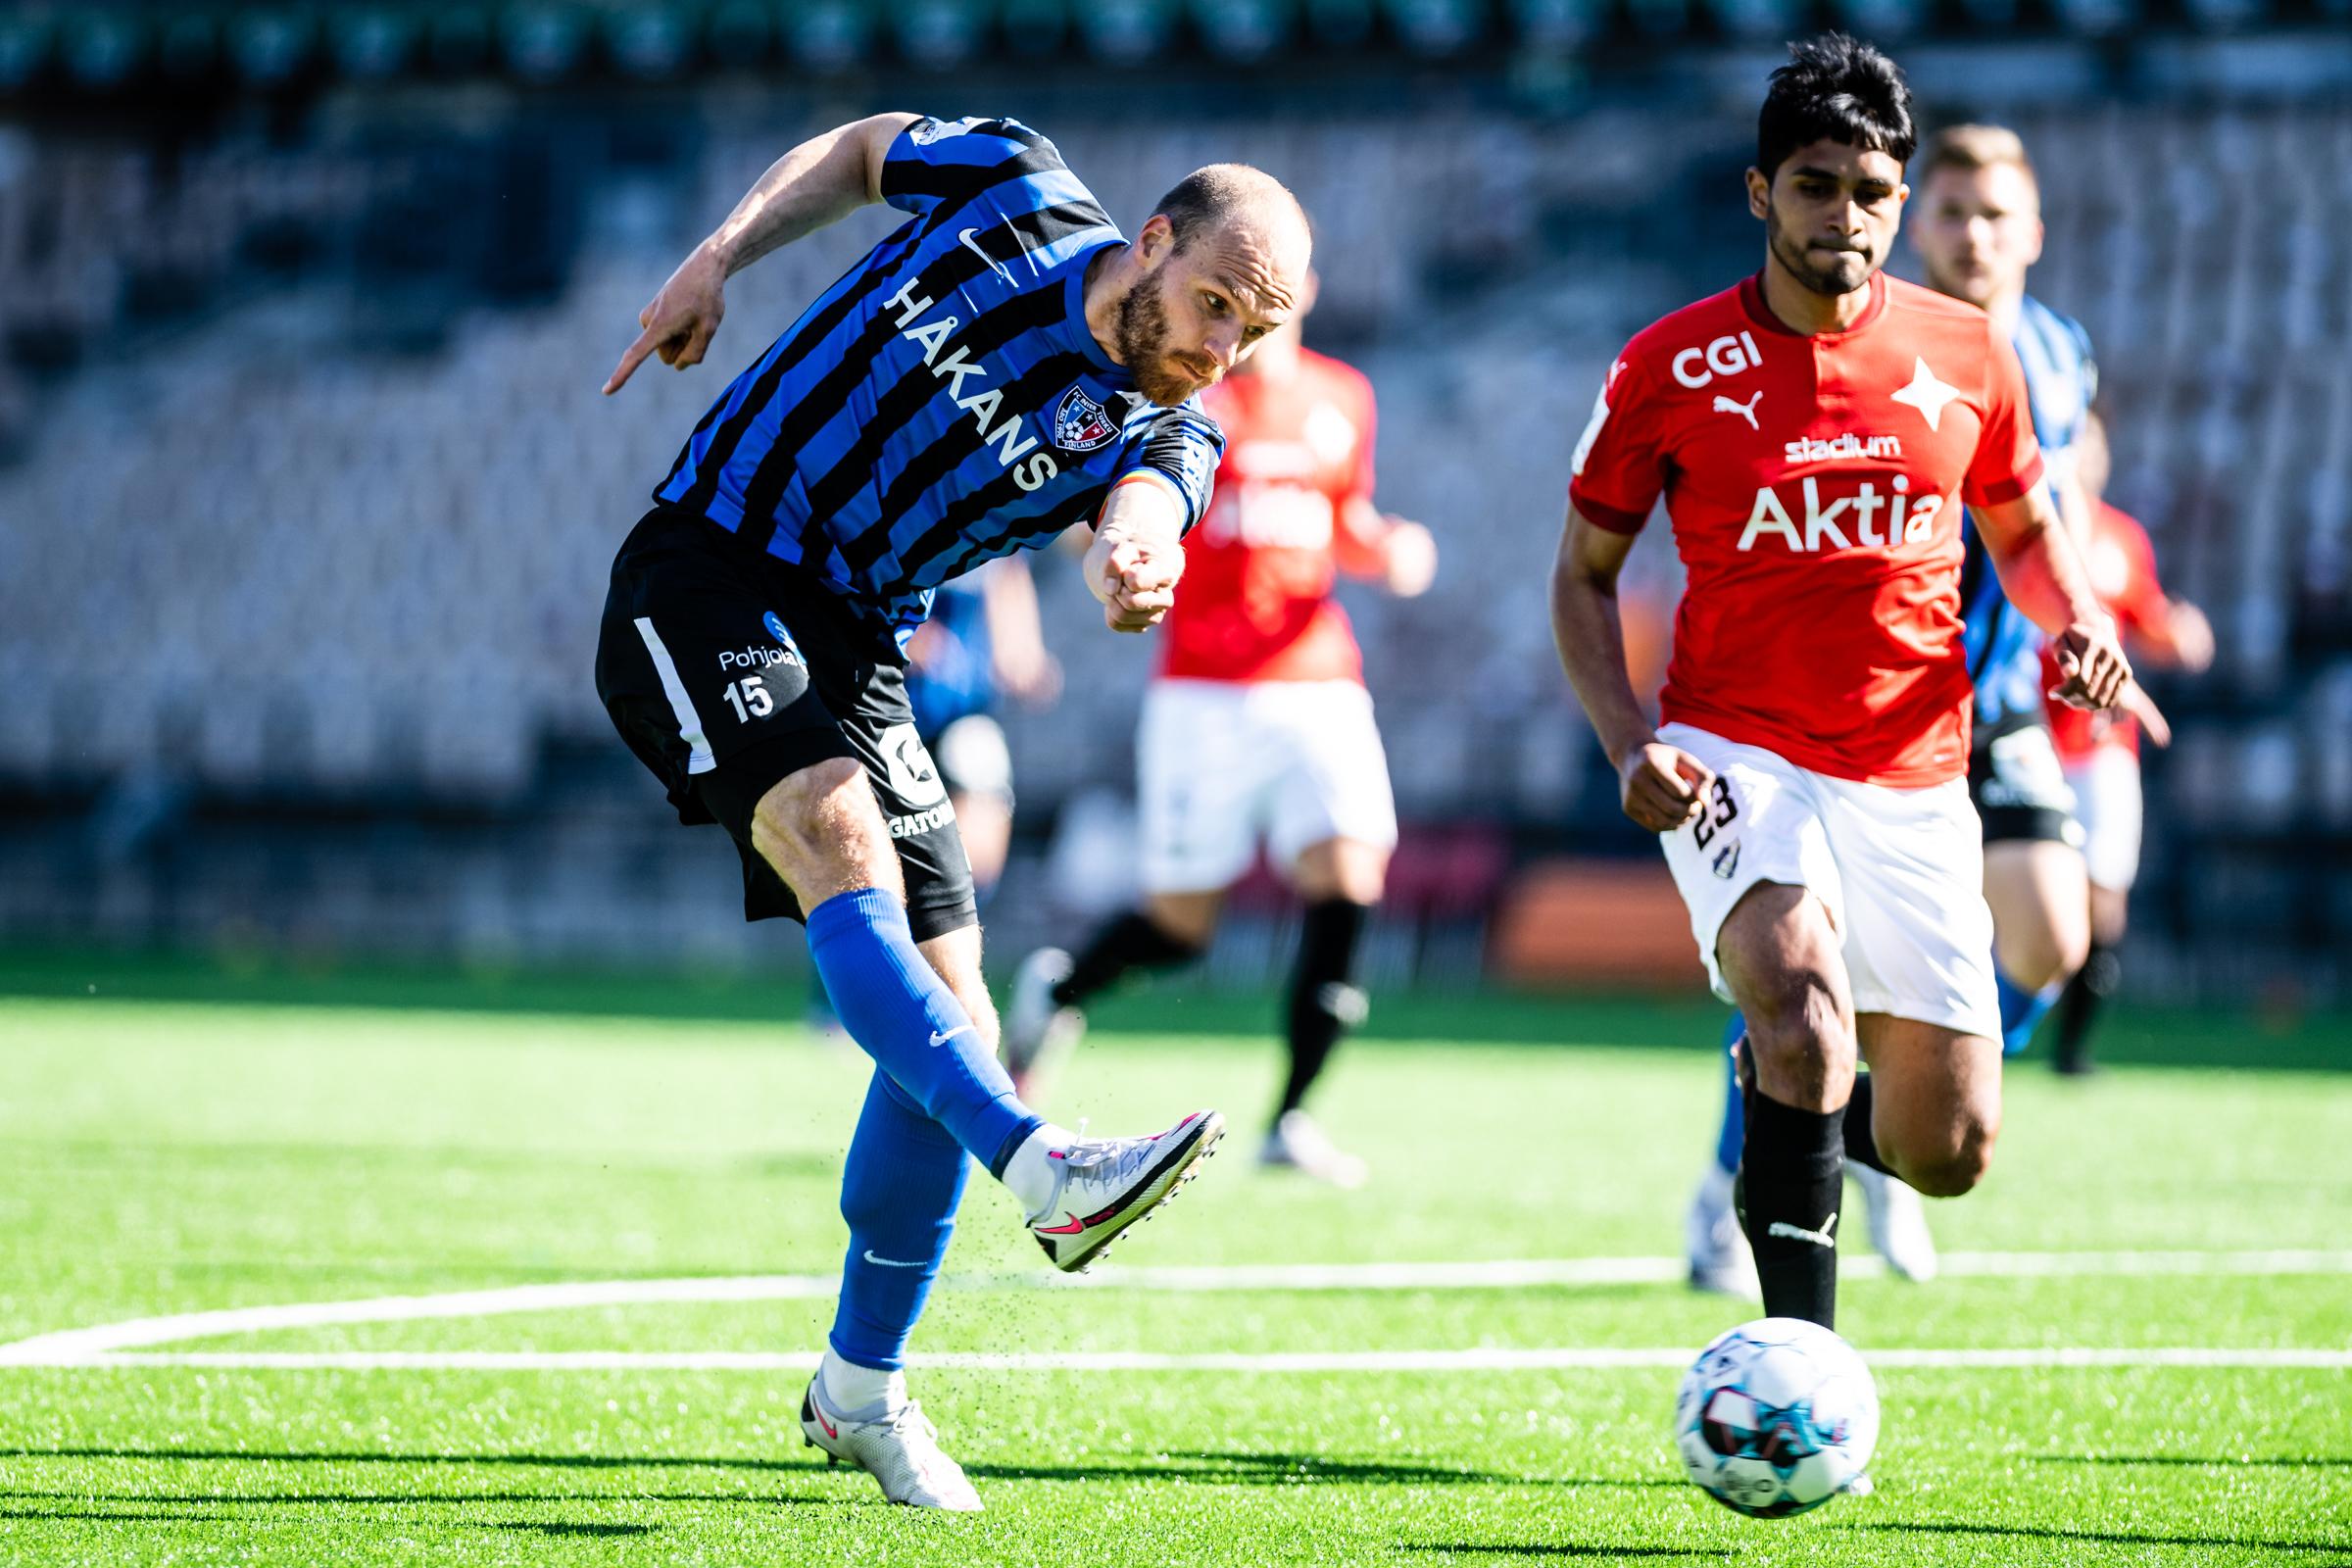 Uusi viikko käyntiin vierasottelulla – HIFK kohtaa FC Interin Turussa